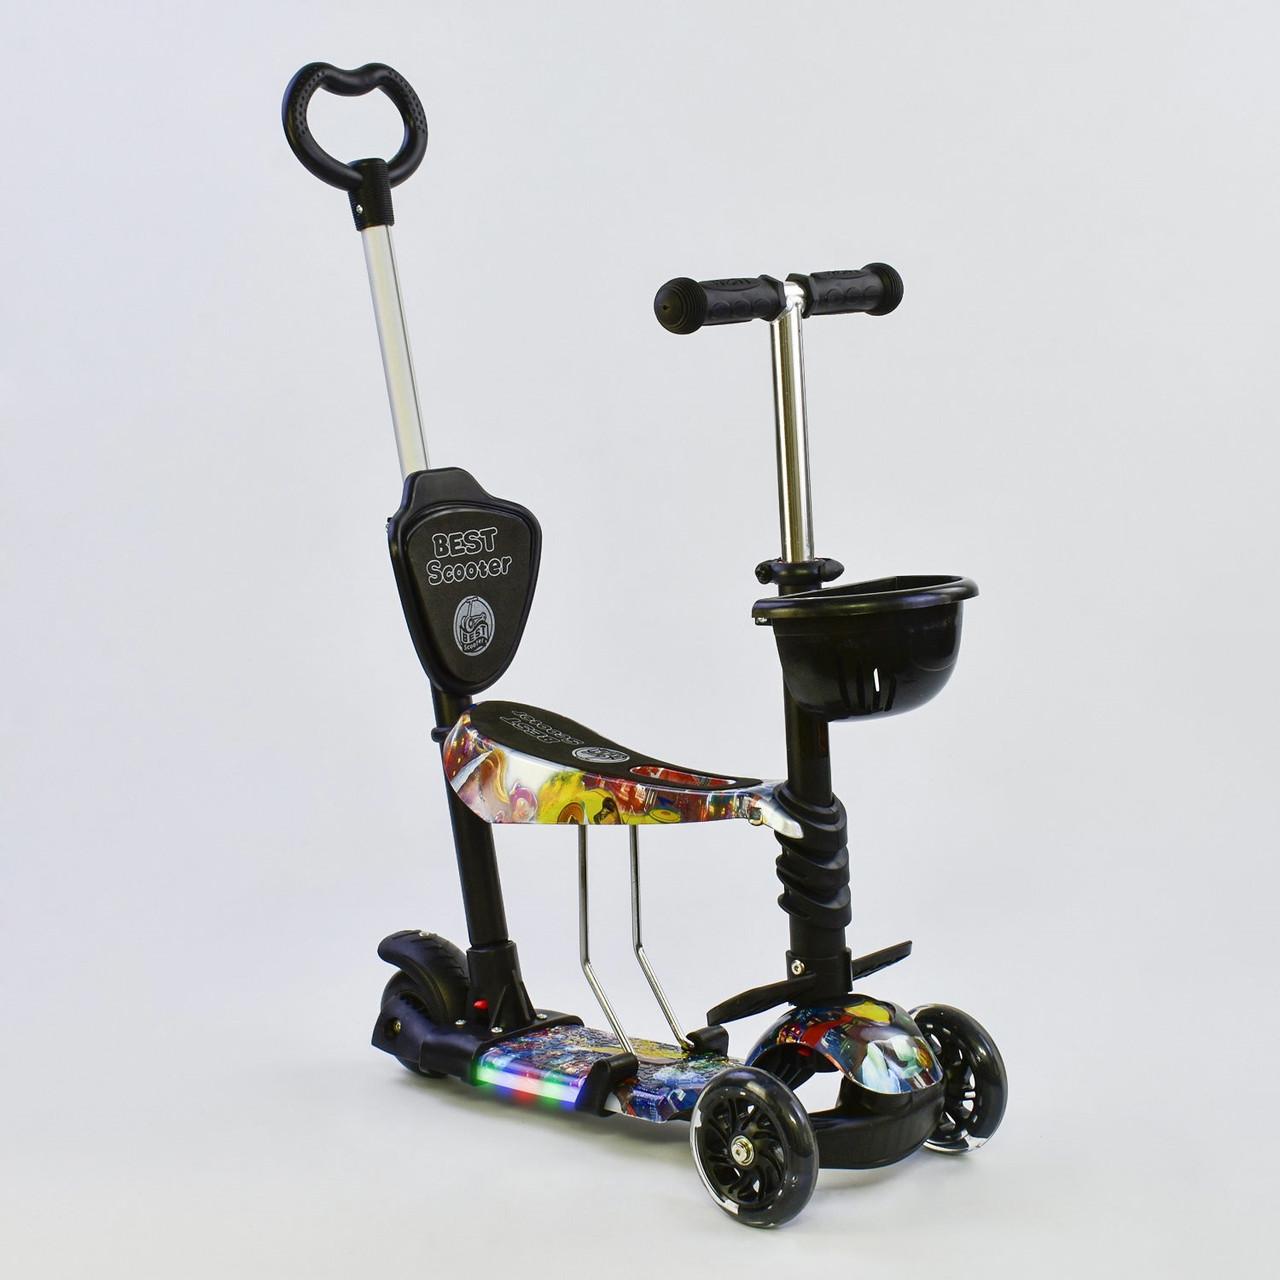 Детский самокат-каталка Best Scooter 67050 5в1 трехколесный с подсветкой платформы и колес